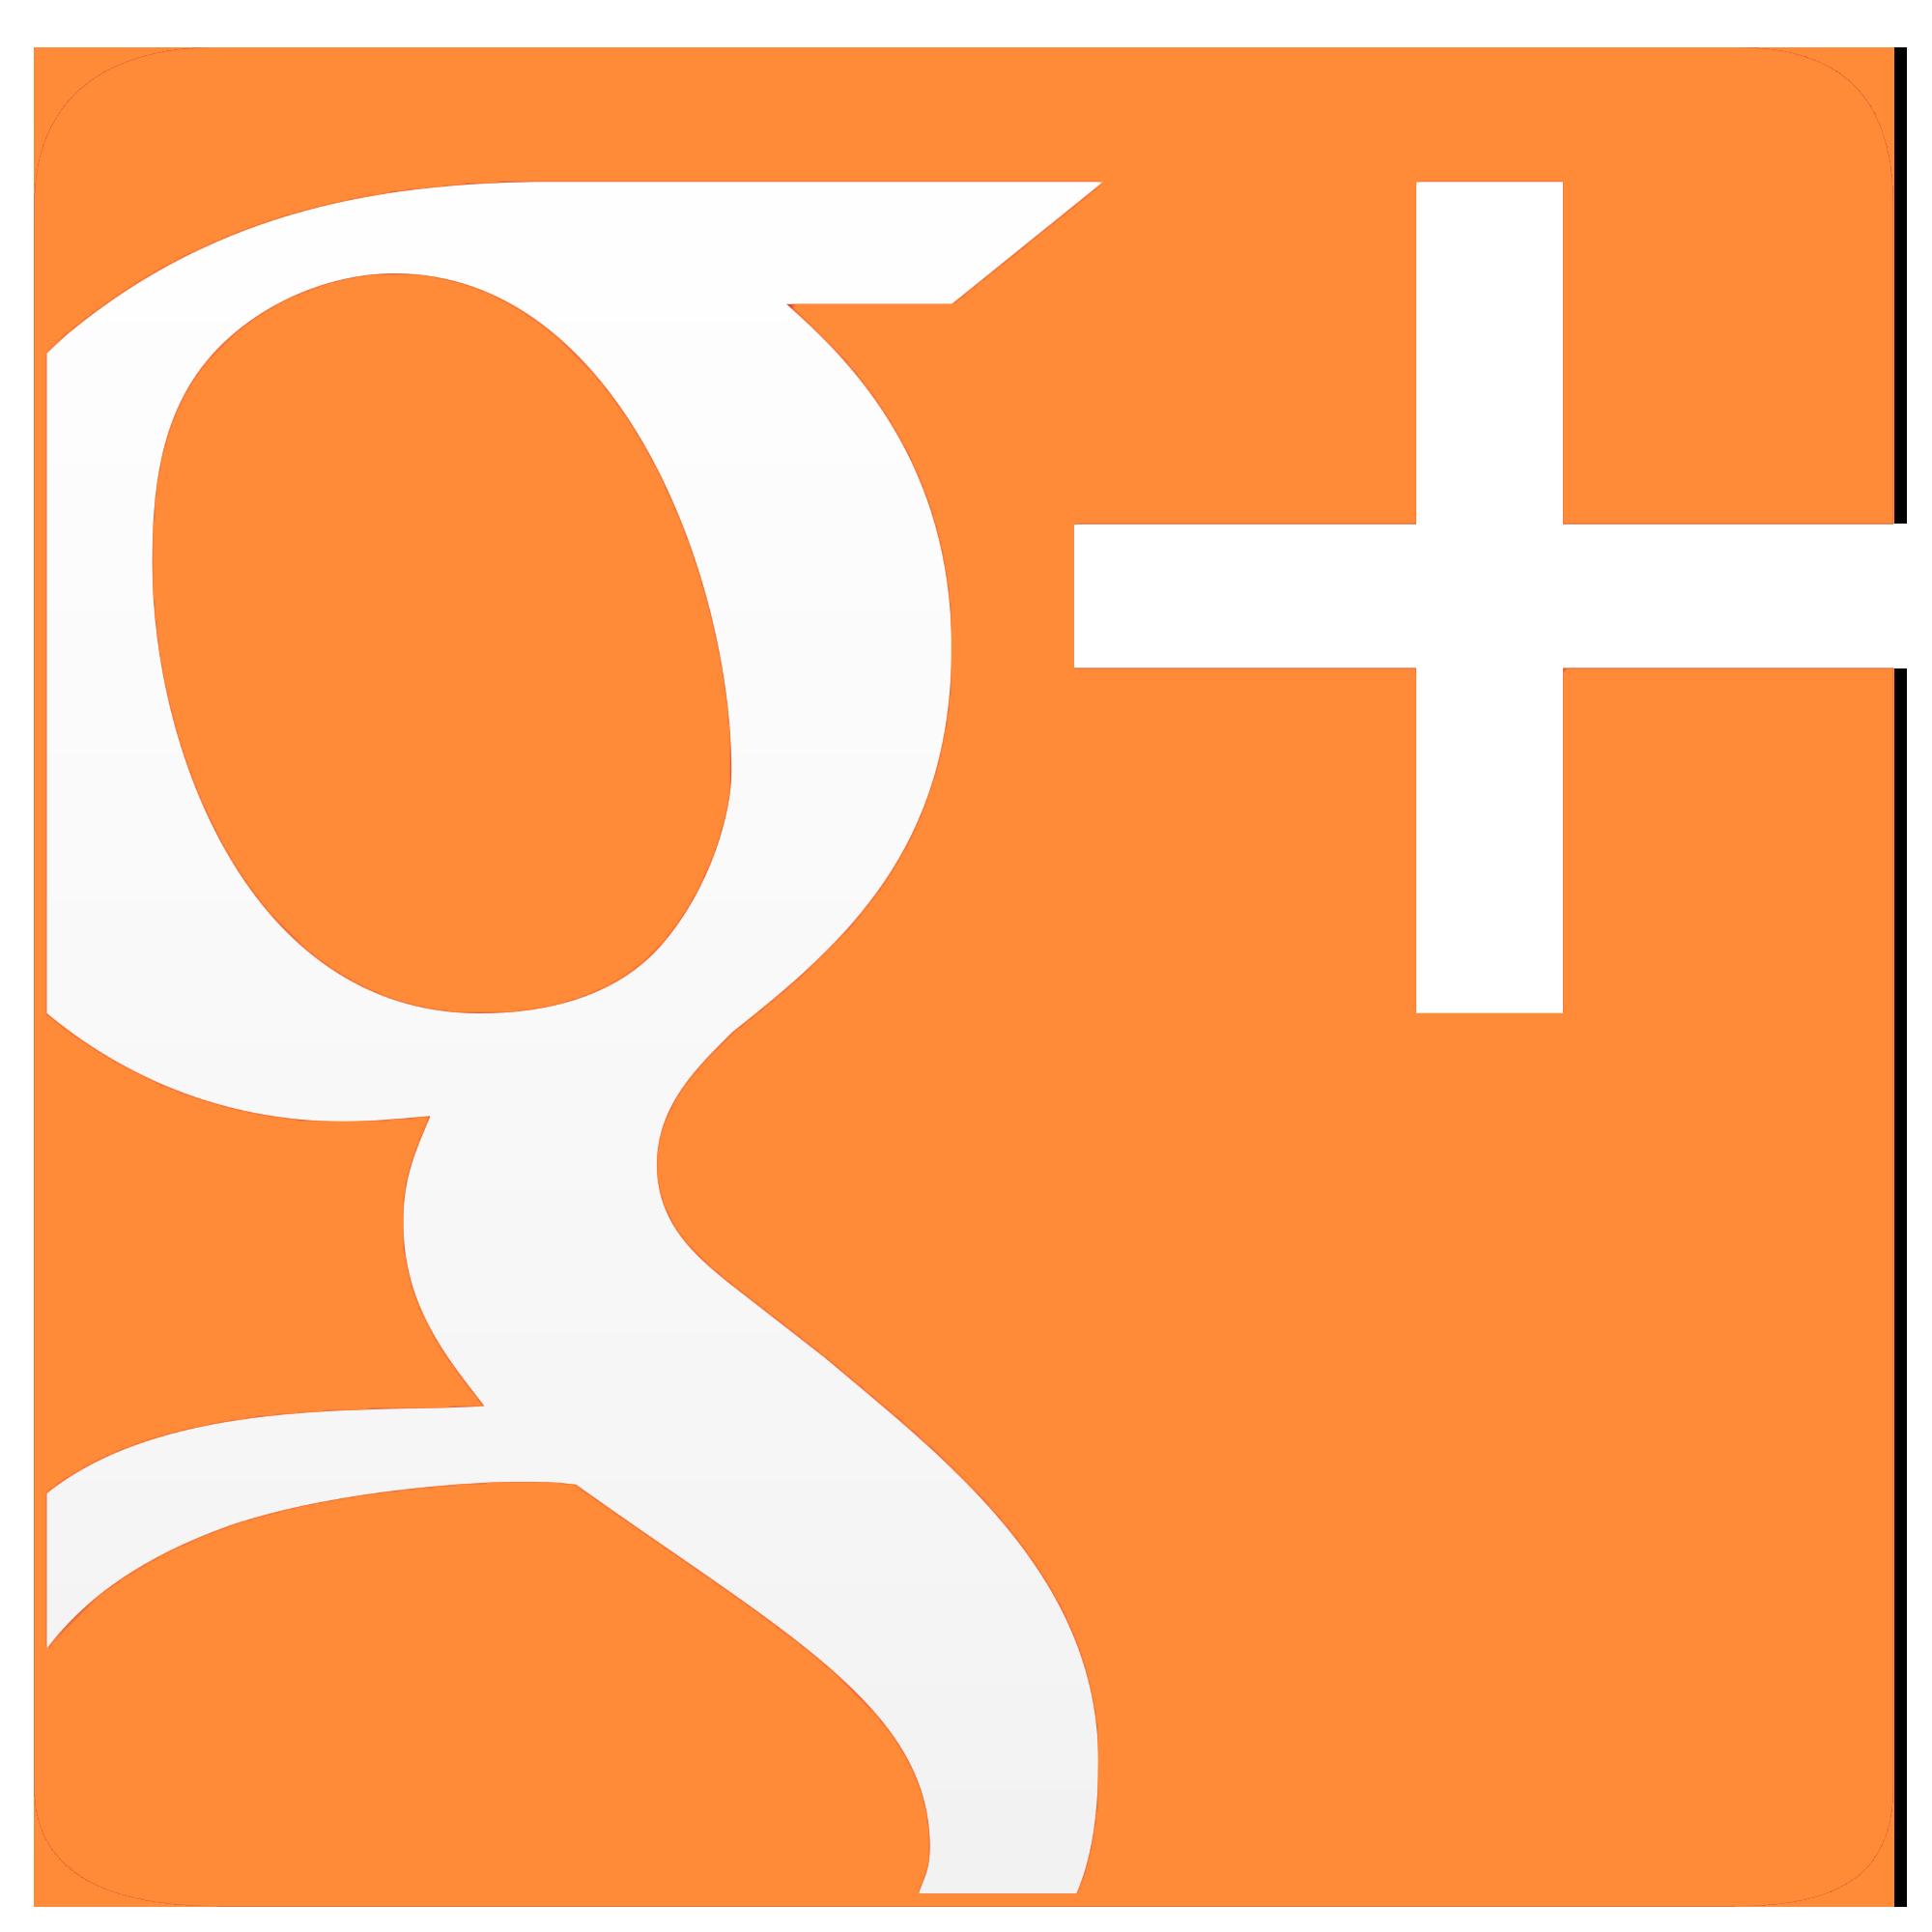 john paul google +